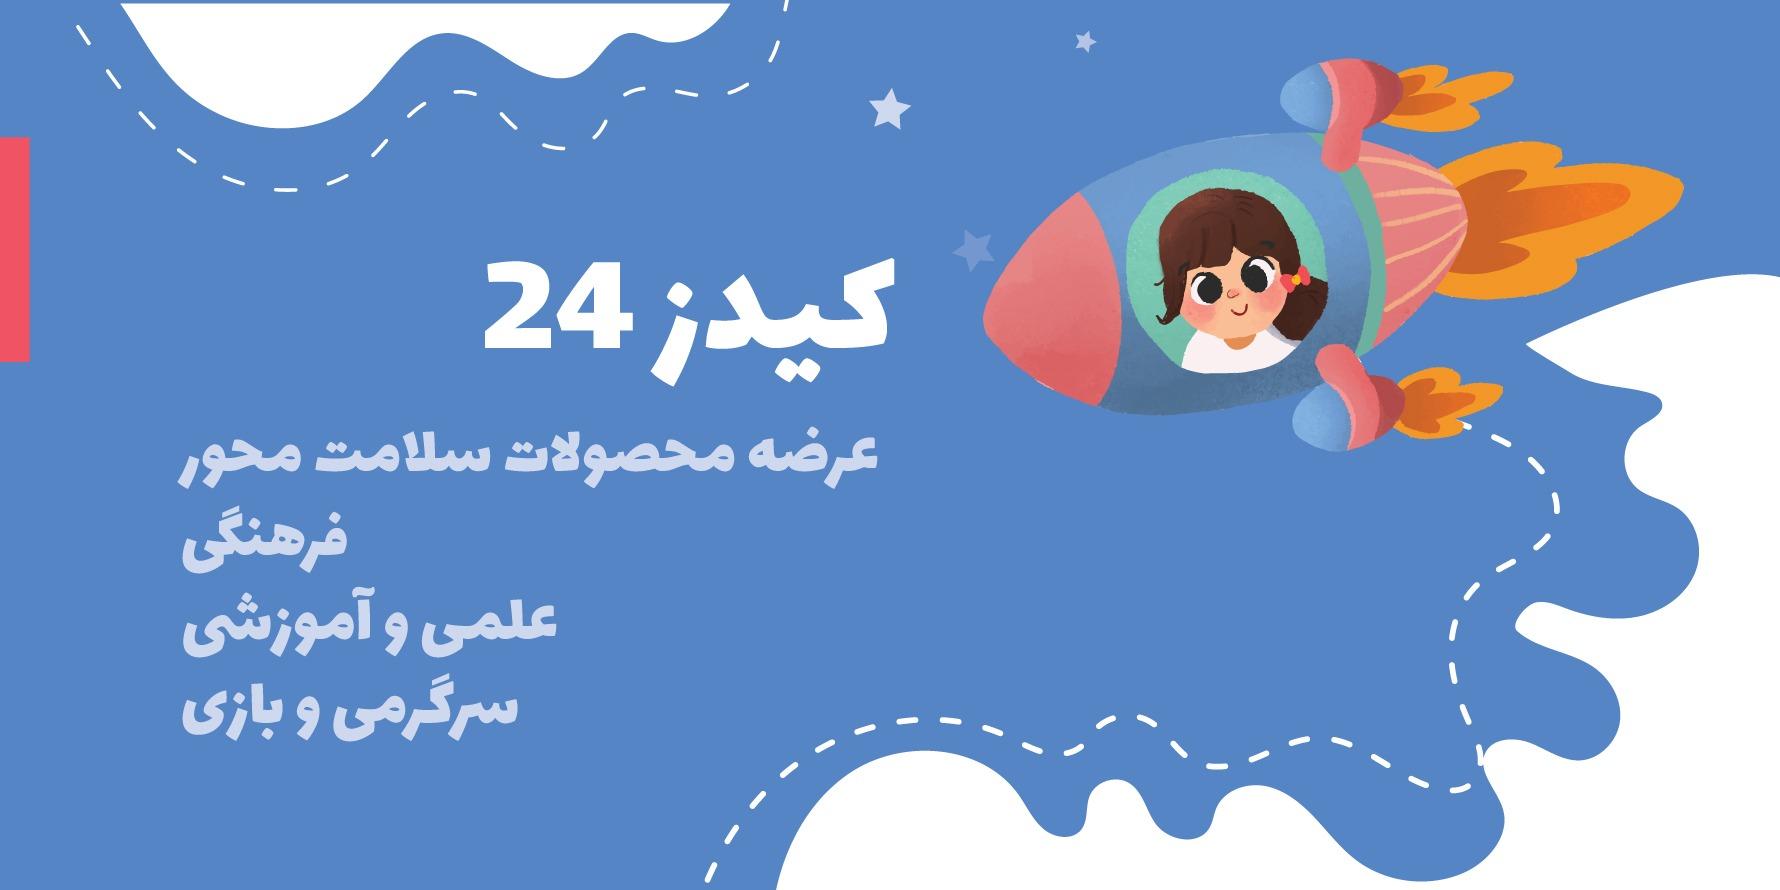 فروشگاه محصولات مادر و کودک کیدز 24 برای خانواده های ایرانی